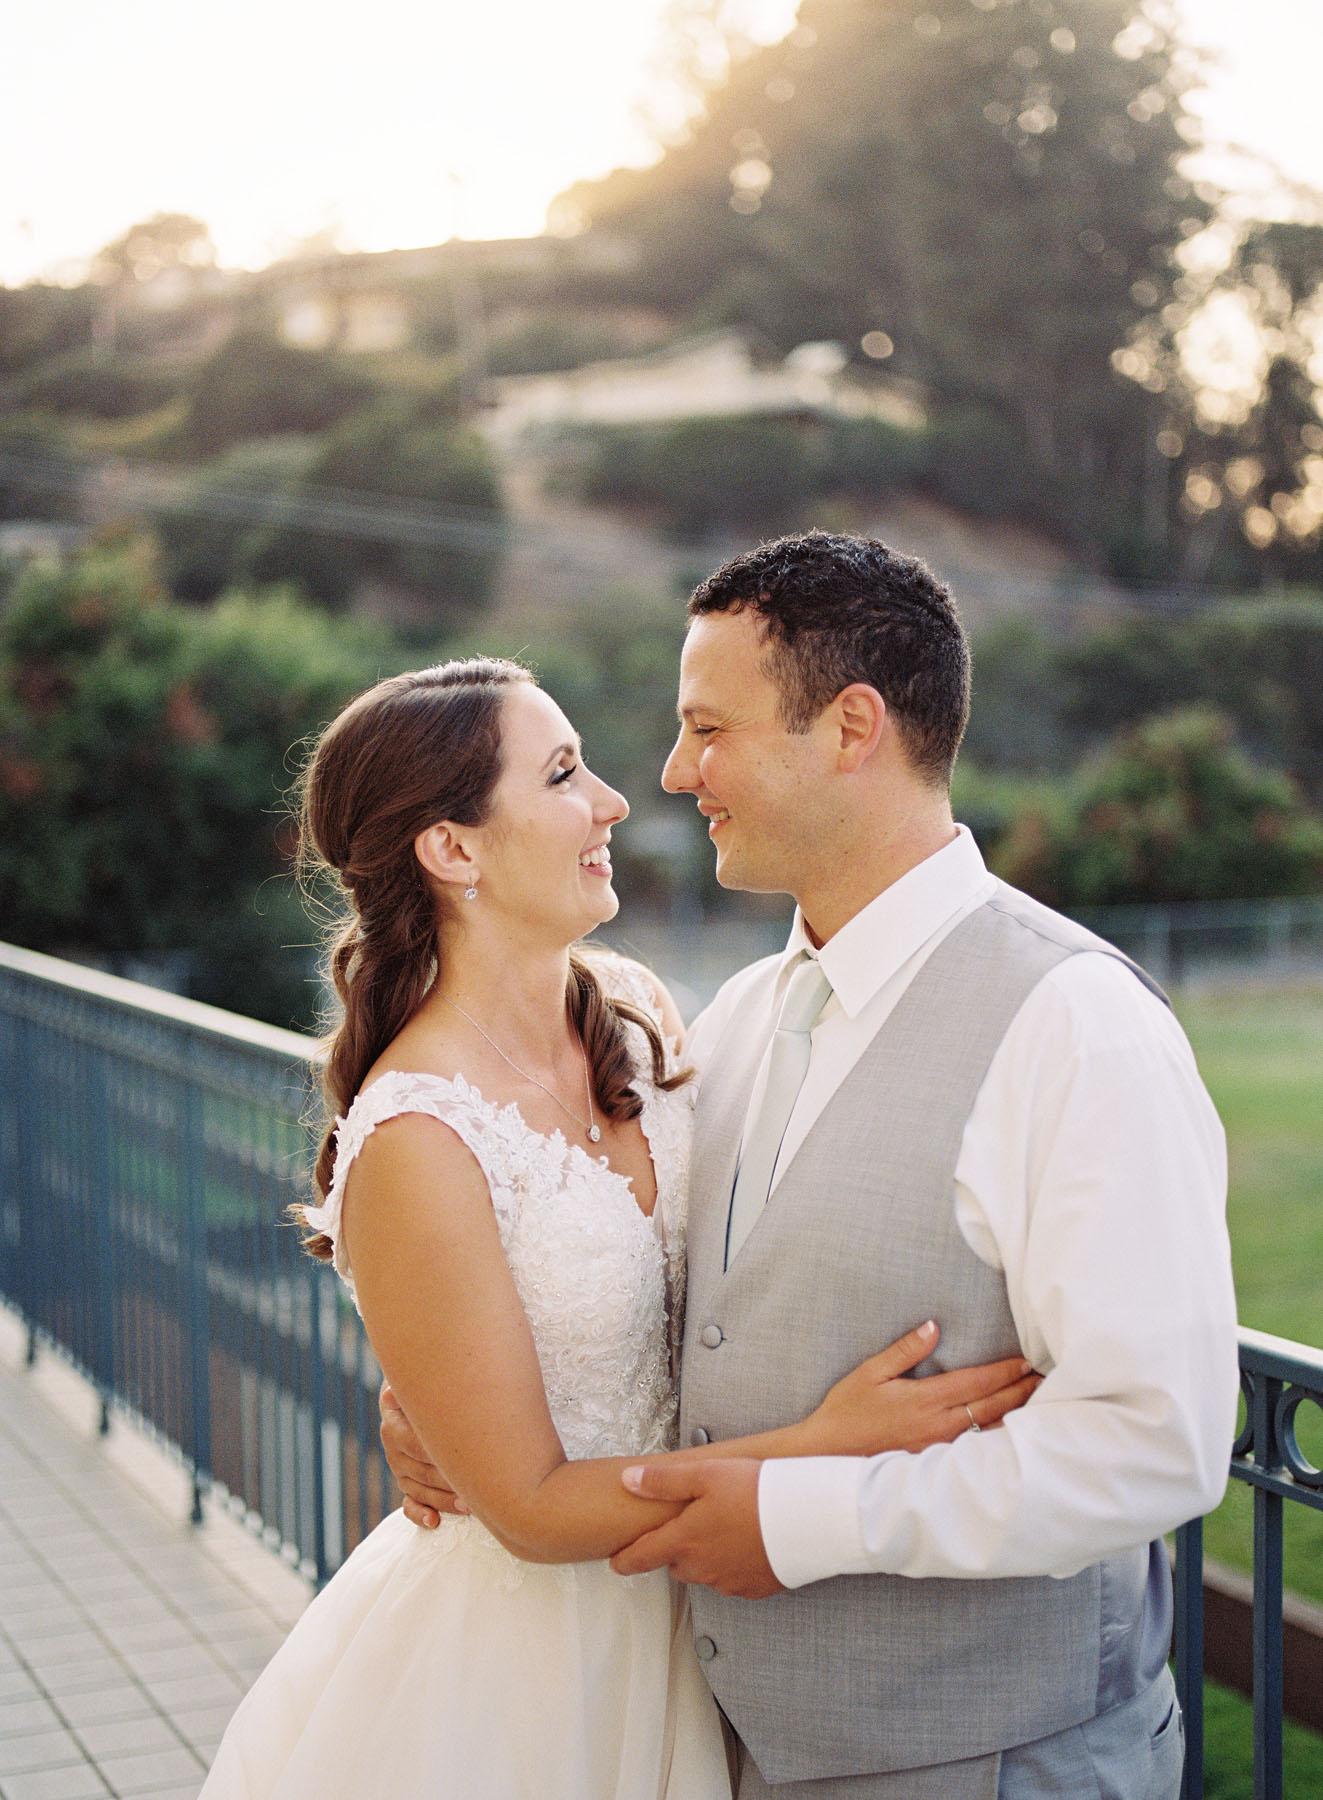 8-11-18 Vanessa and Andrew - 256.jpg